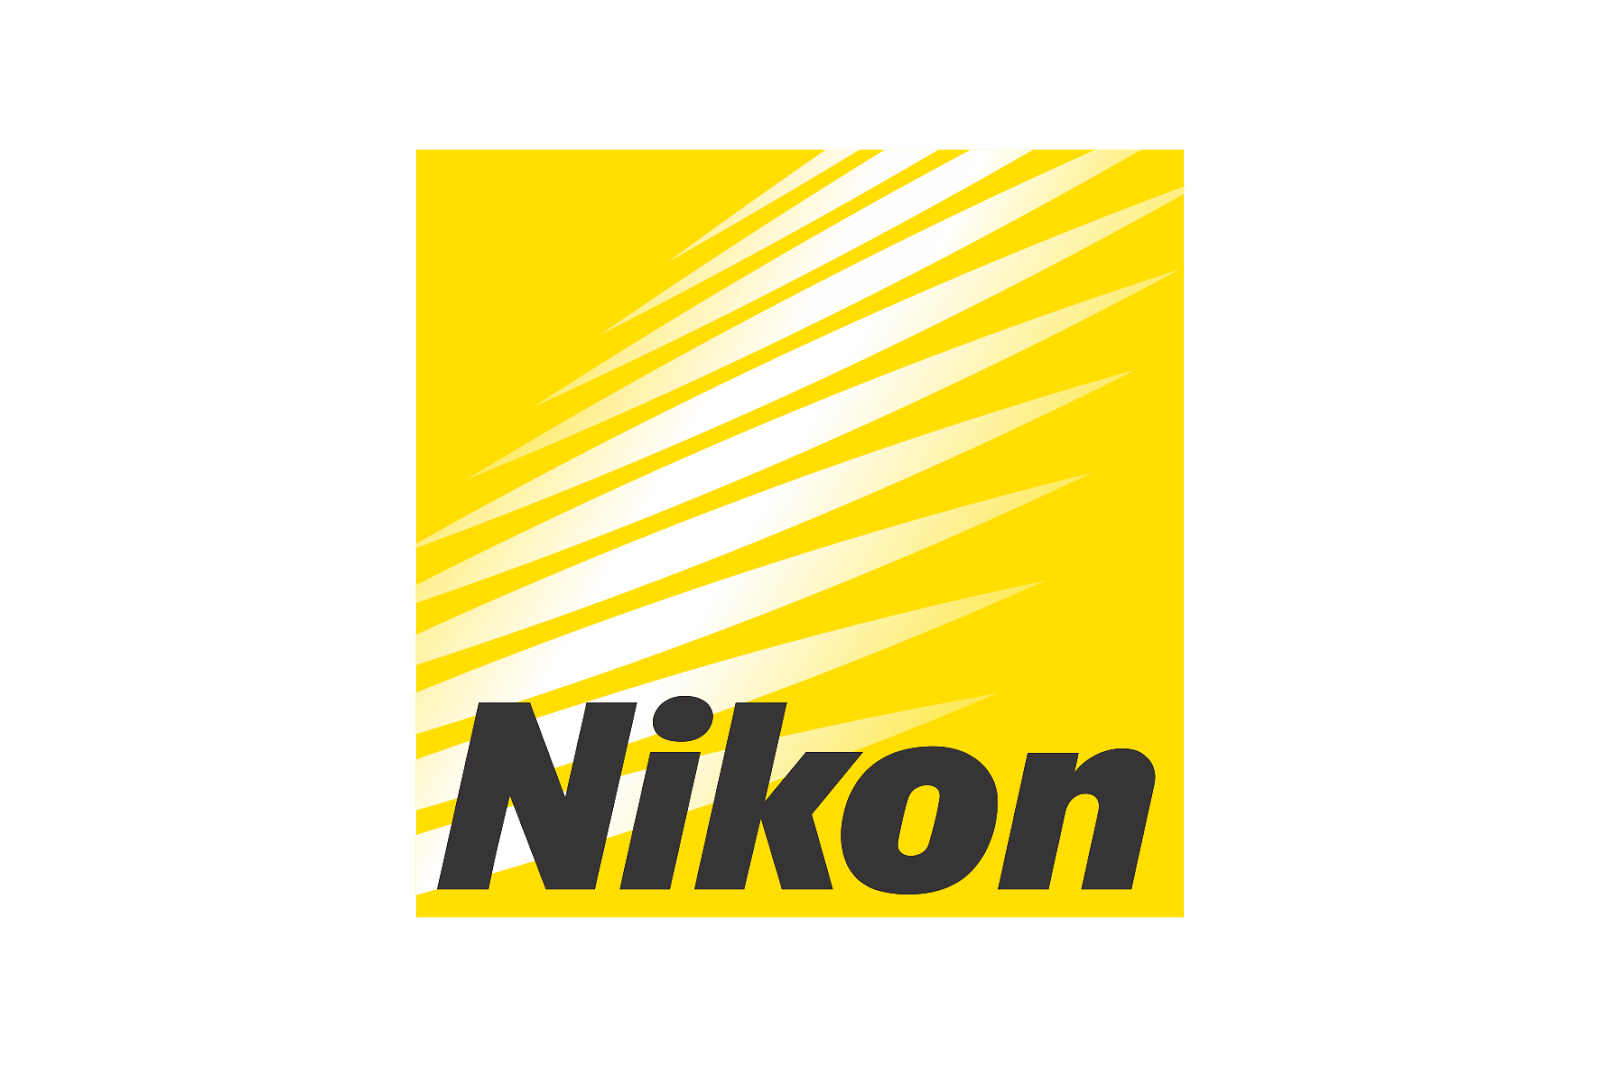 Nikon Logo Wallpaper